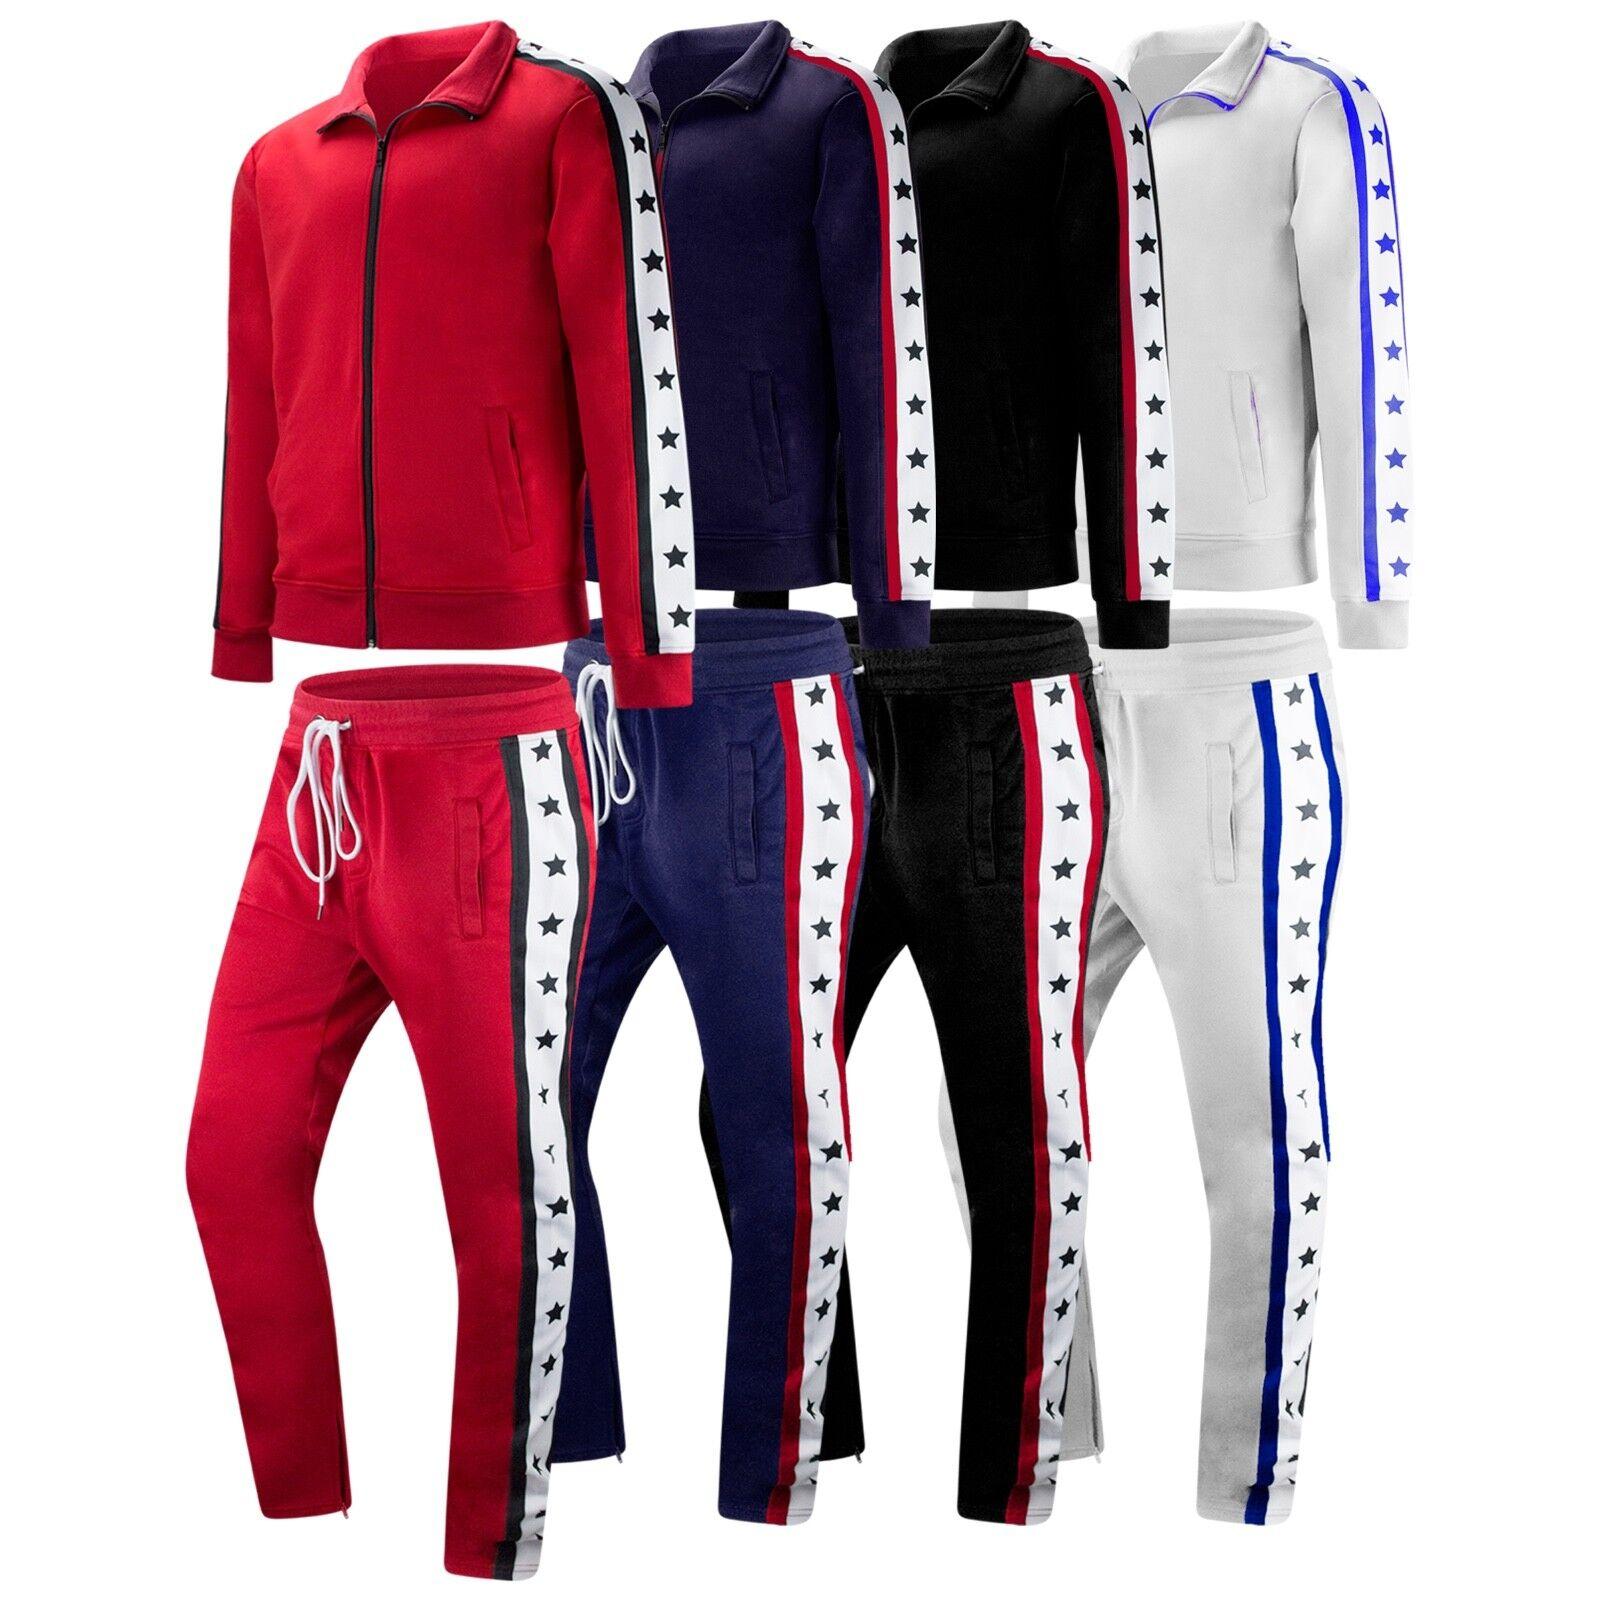 New Men Track Suit Sweat Suit Track Pants Jacket Zipper Stars Print Größes M-3XL